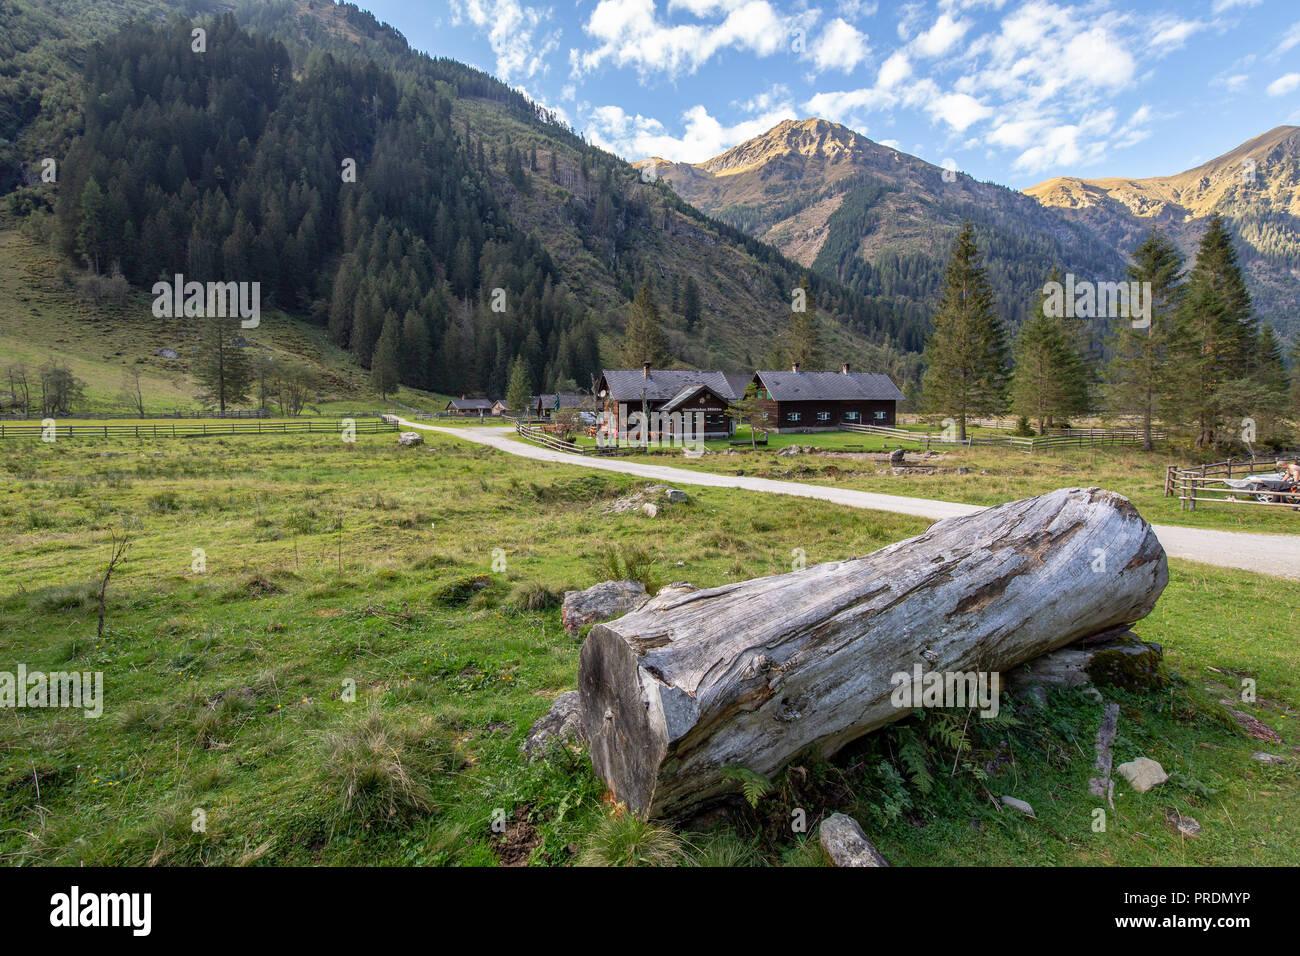 Almlandschaft im Herbst, Sölktal, Steiermark, Österreich Stockbild